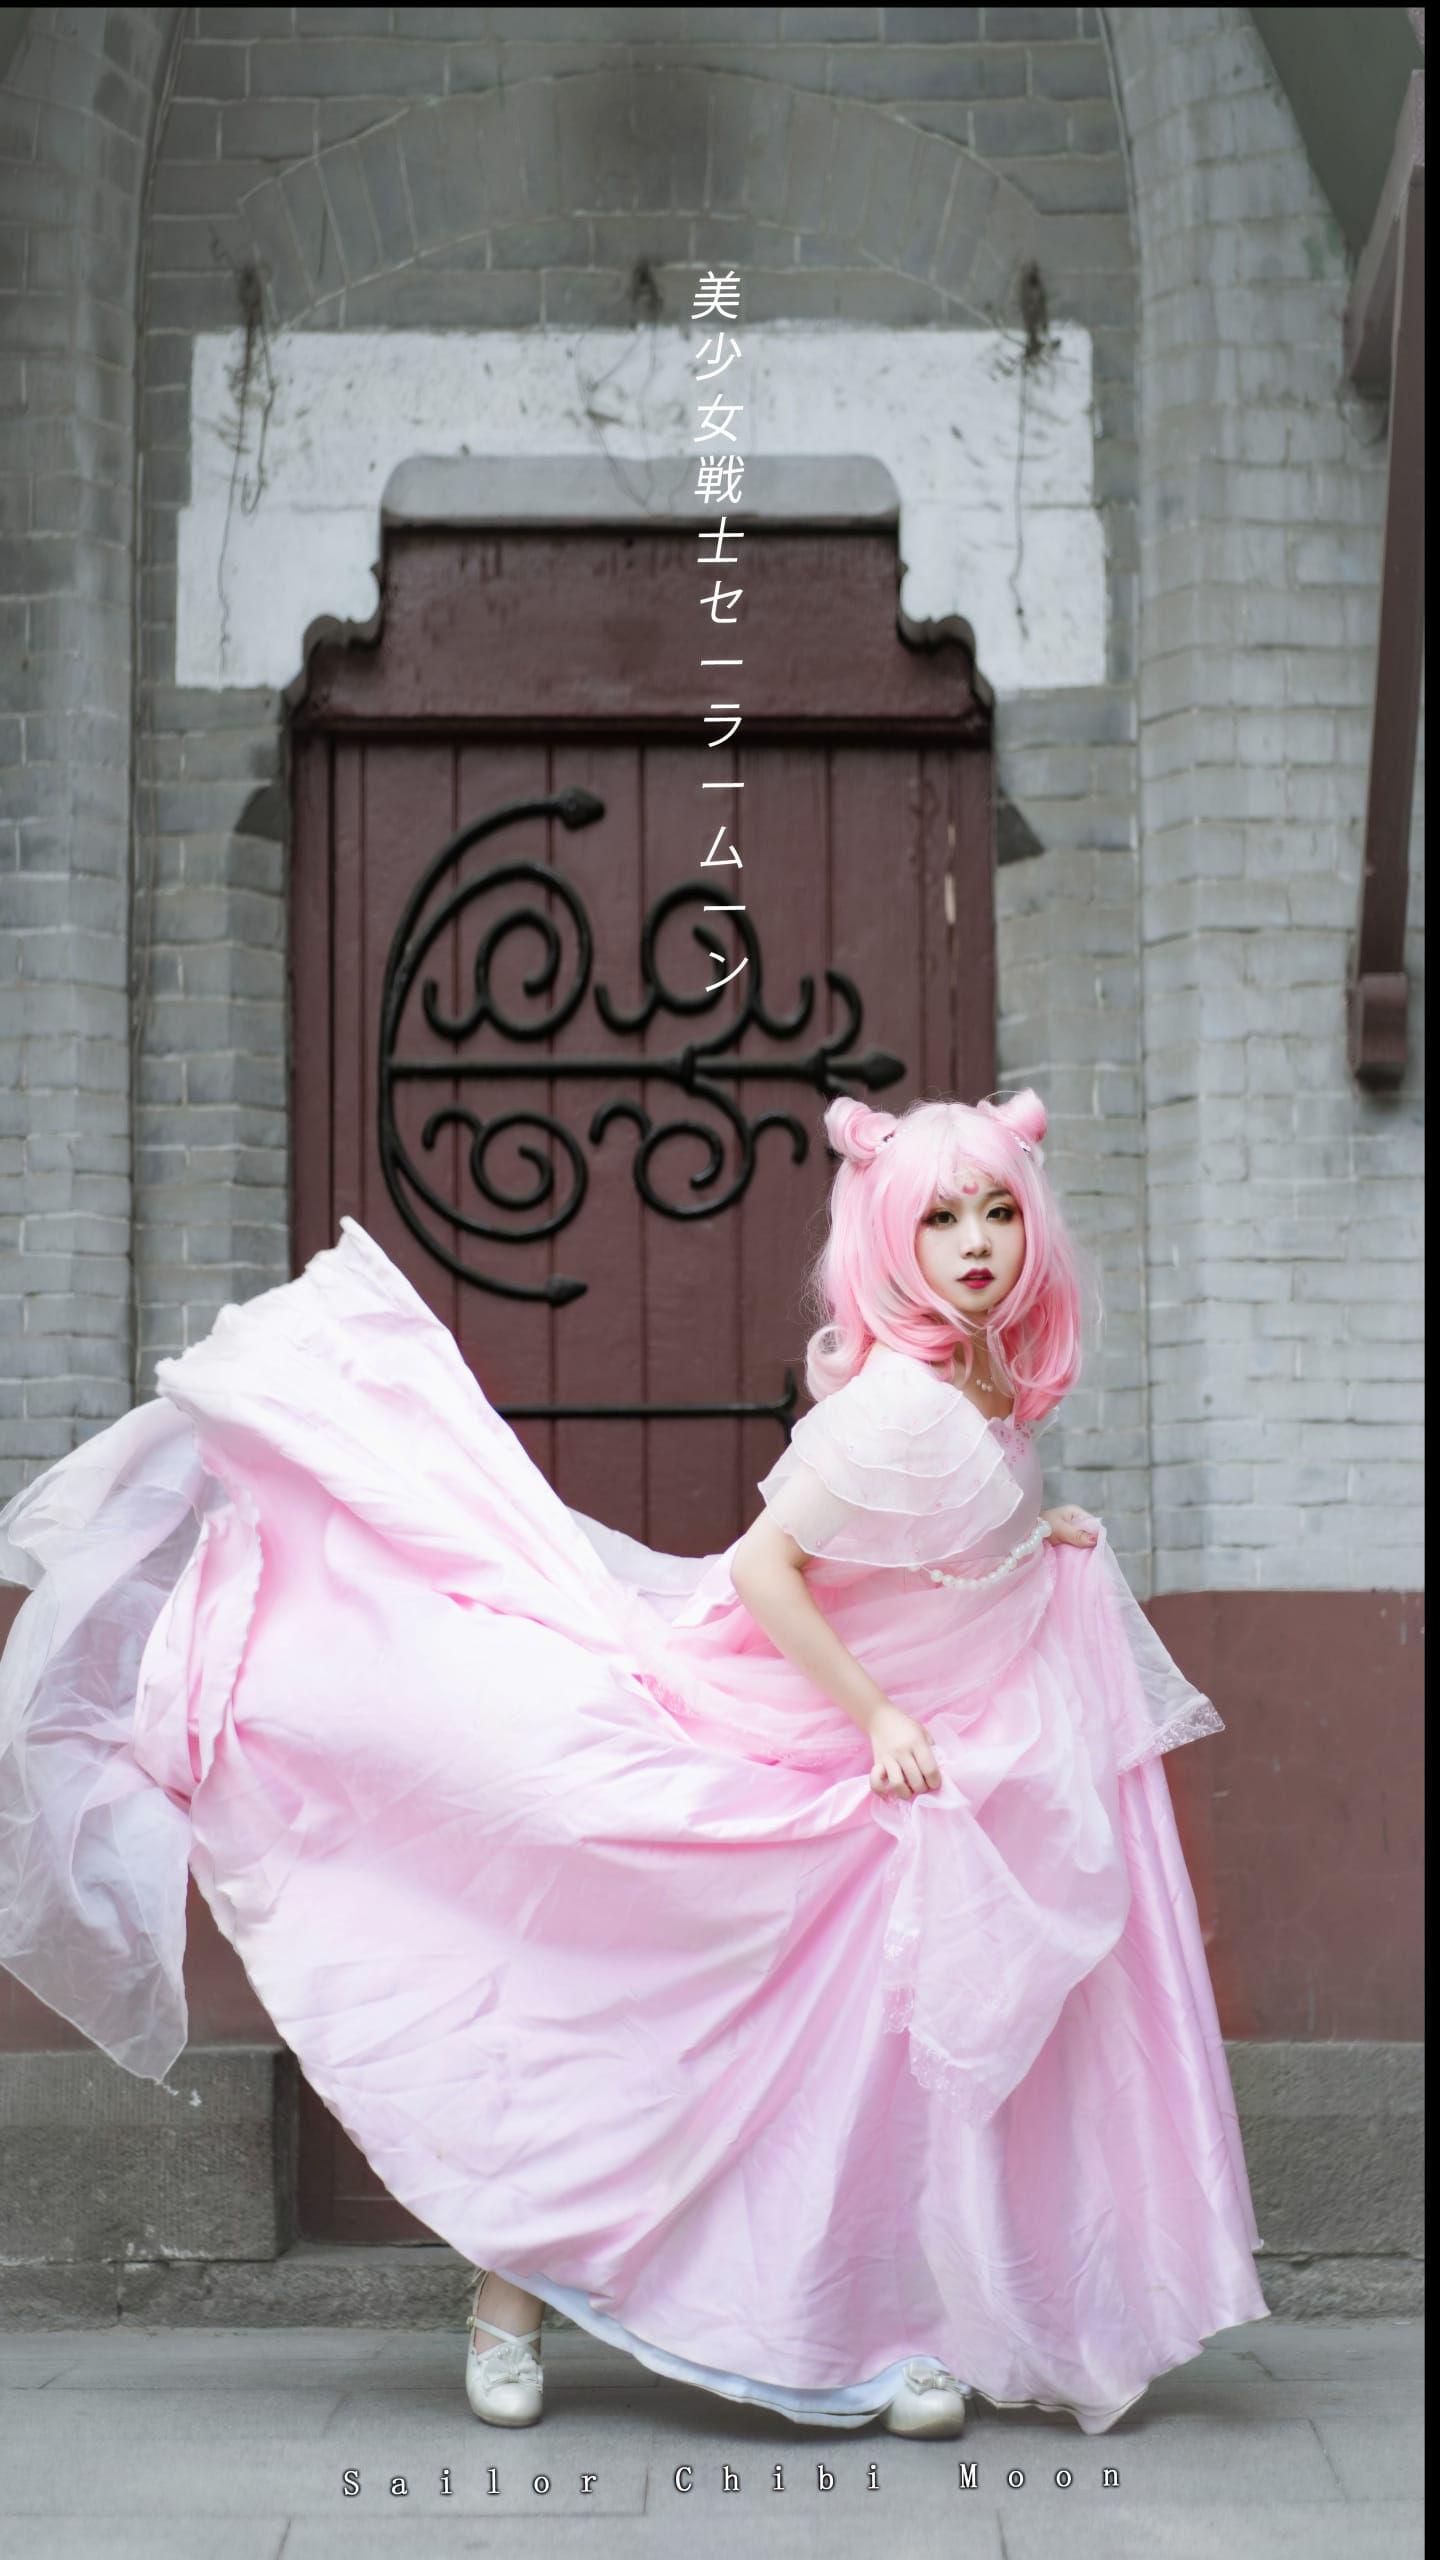 《美少女战士》小小兔插画礼服cosplay插图(3)